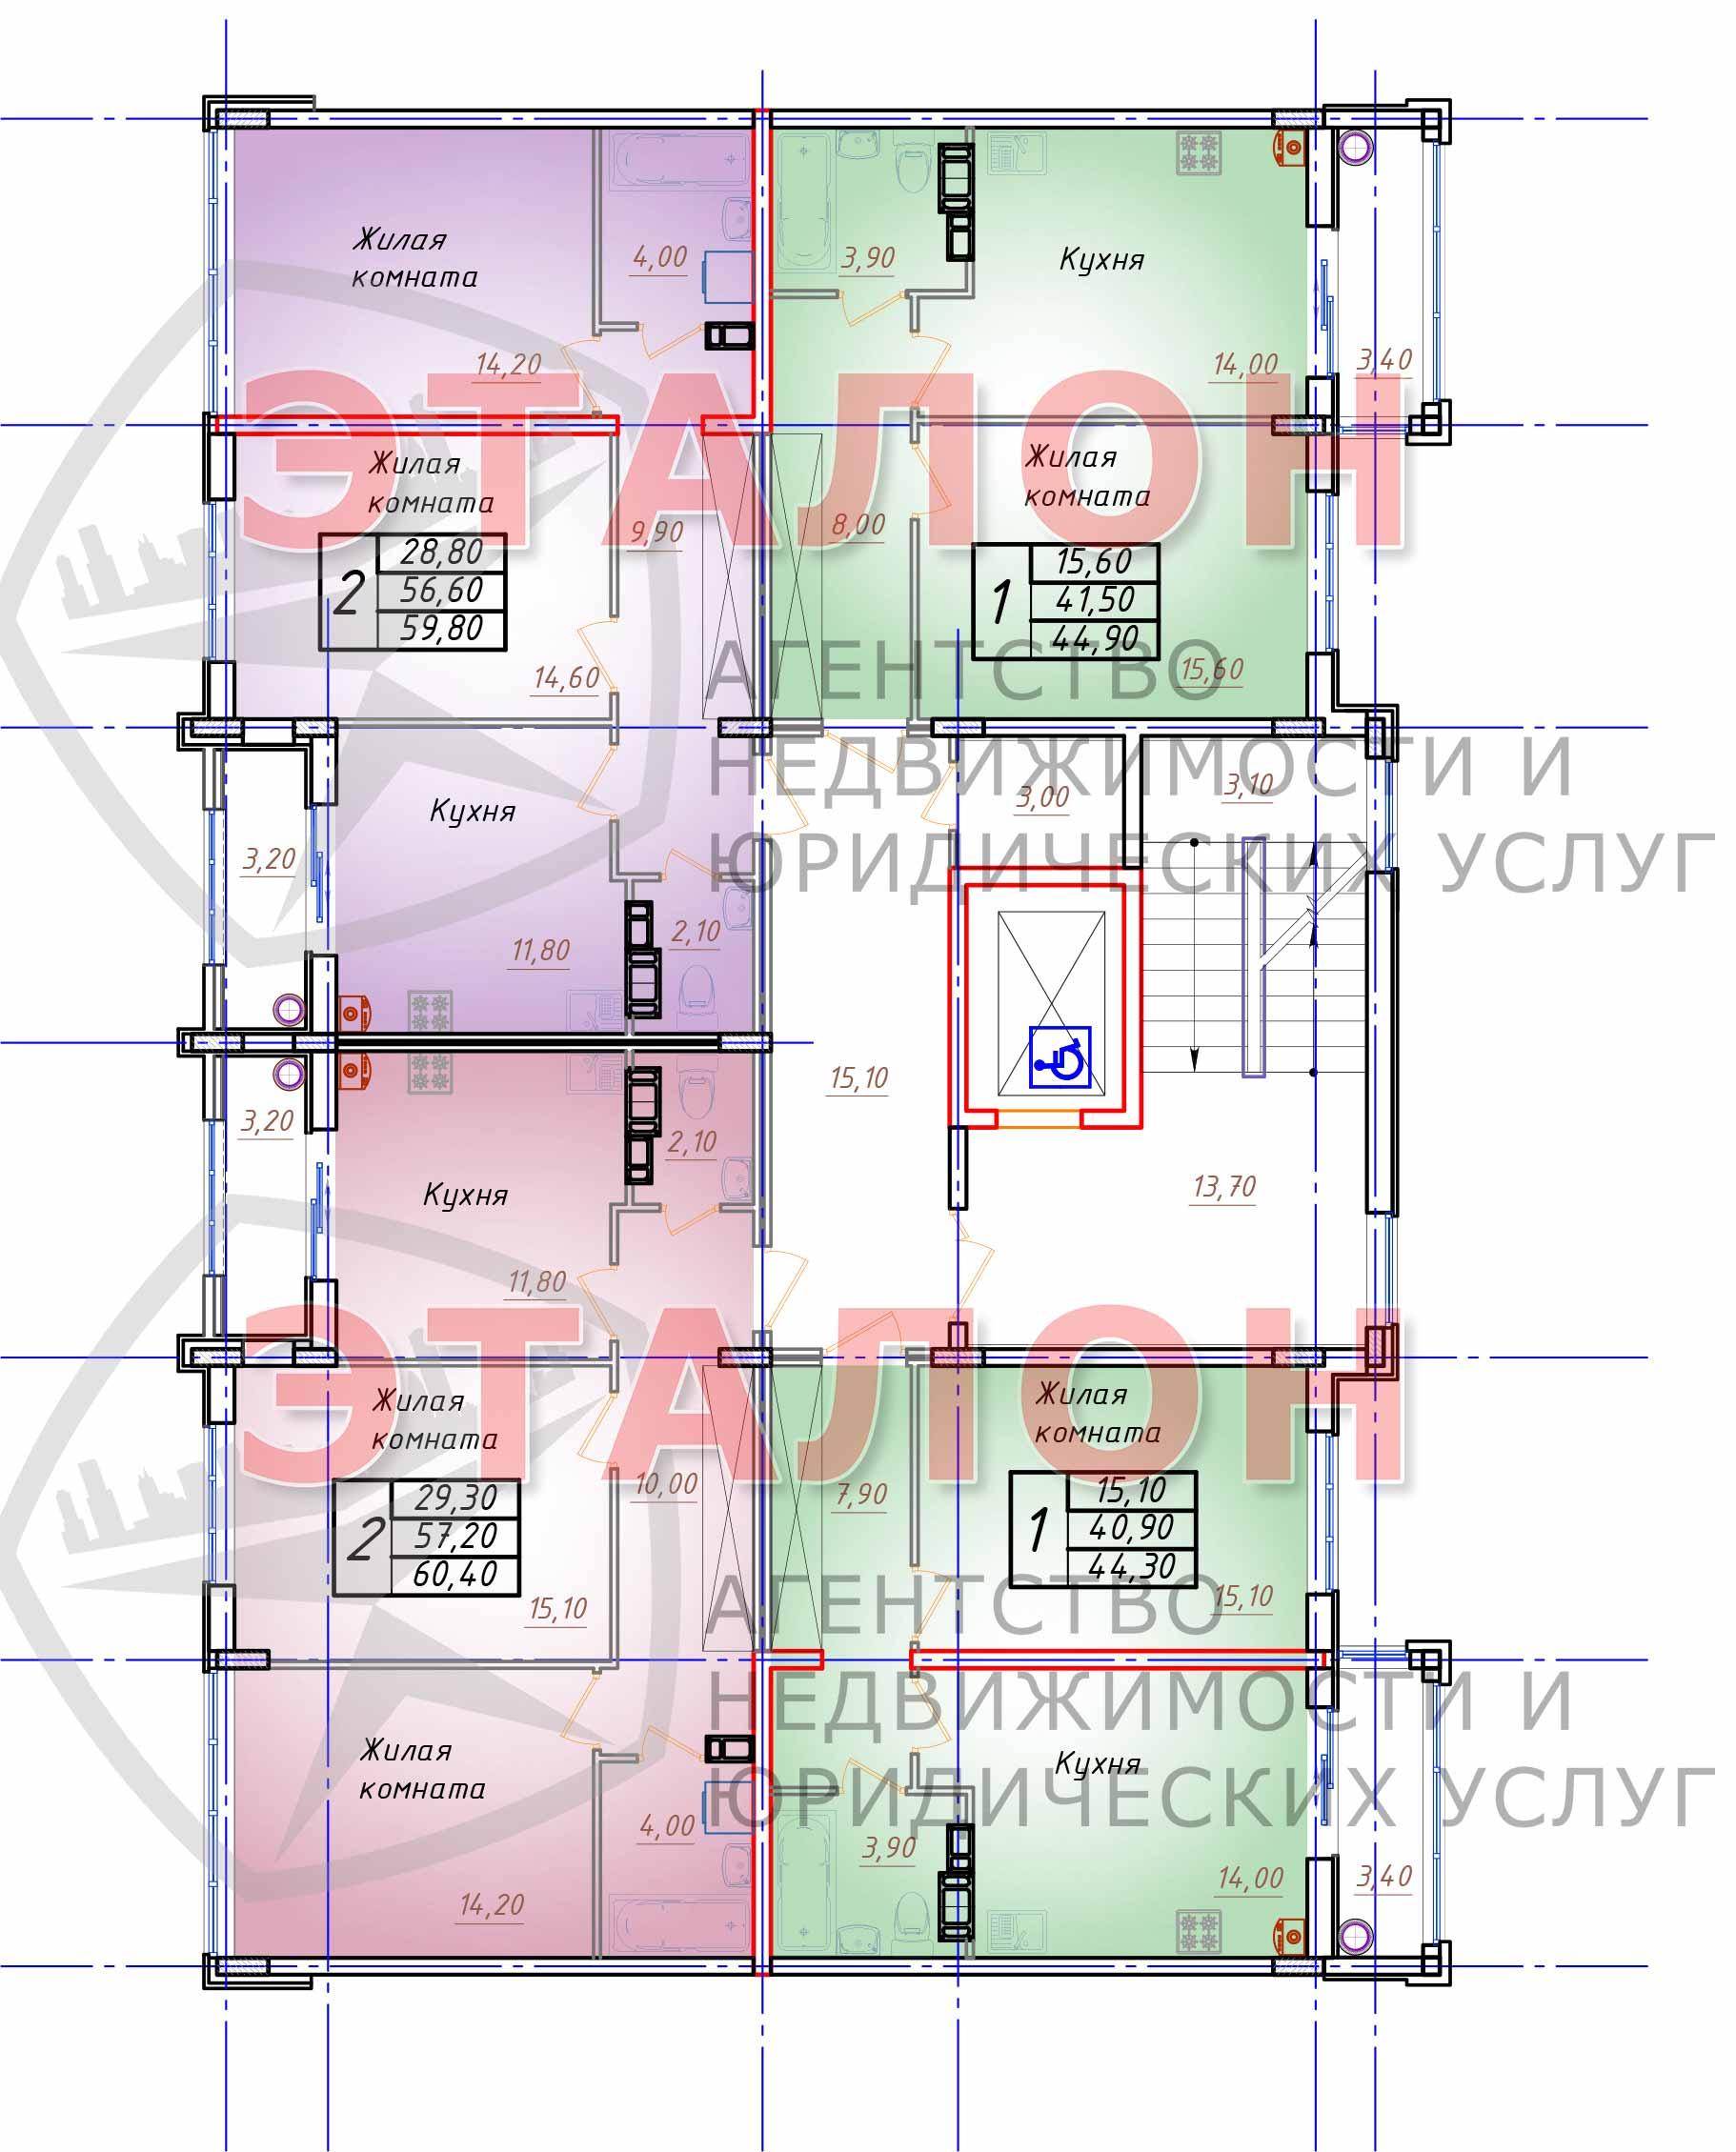 Блок 2. Подъезд 2. План 2-го - 3-го этажа